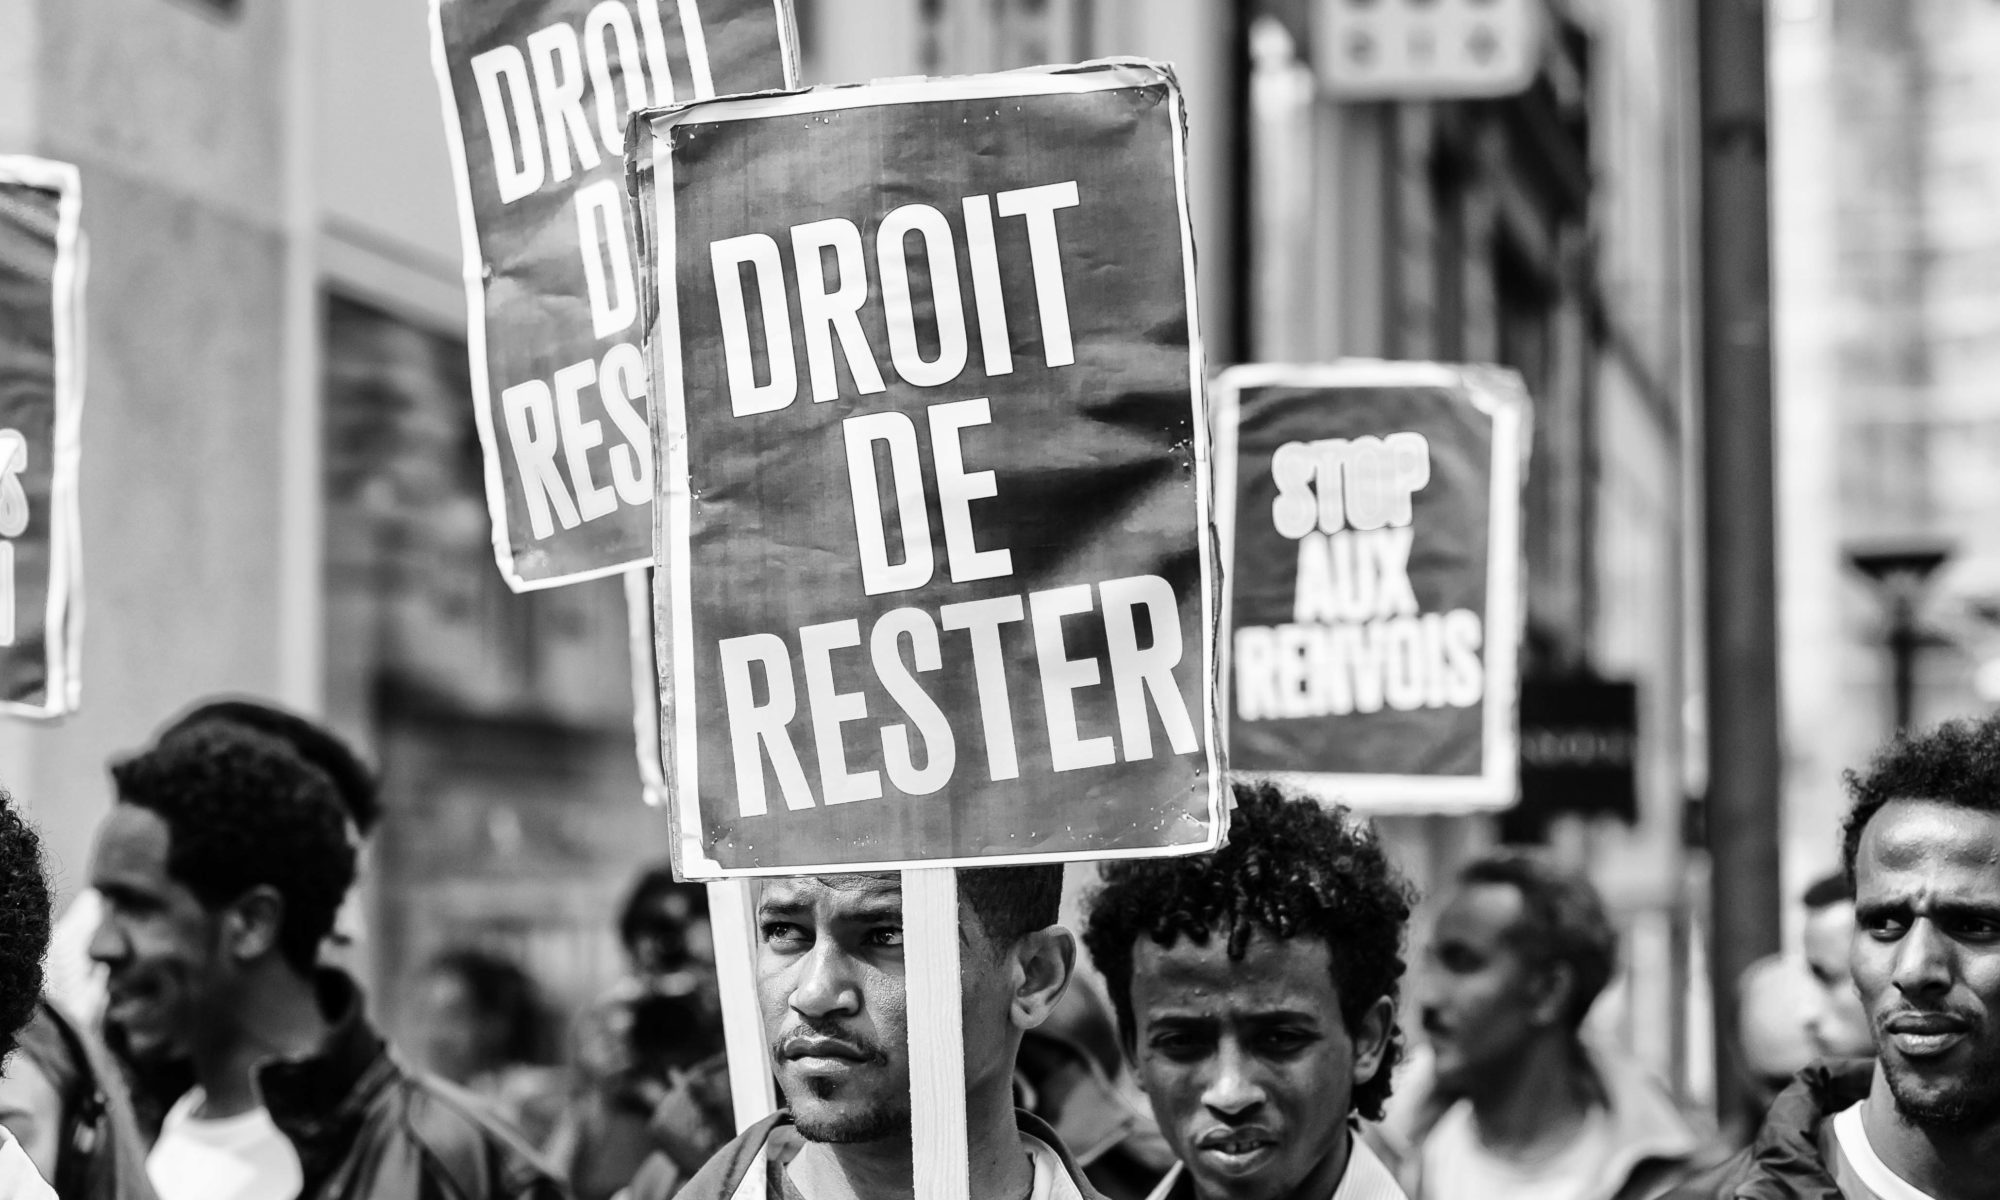 Manifestation pour le droit des migrant-e-s (Lausanne, le 9 mai 20105). Crédits : DeGust-CC-BY-NC-ND